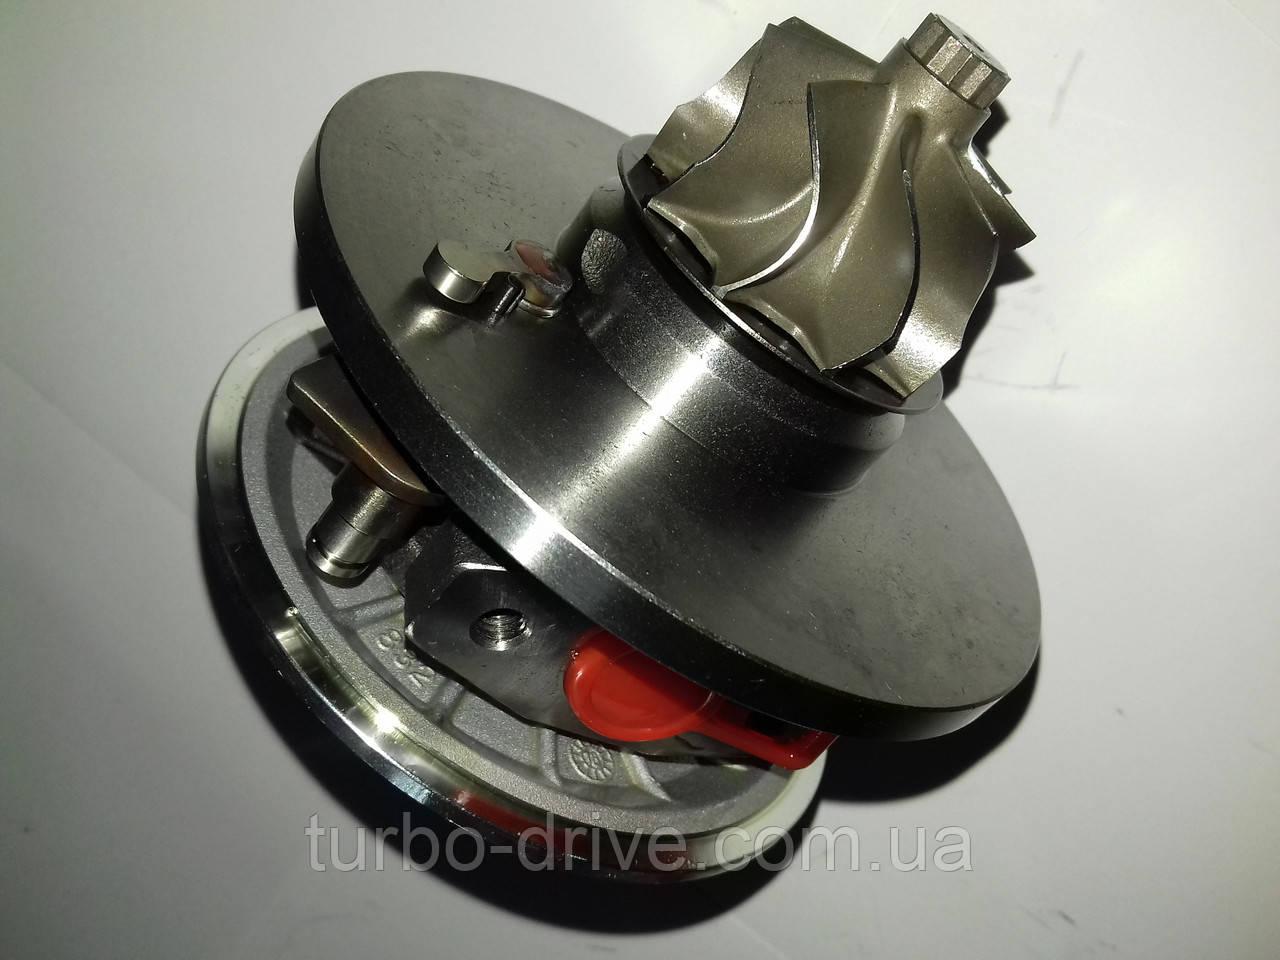 Картридж турбины Citroen Jumpy / Fiat Scudo / Peugeot Expert 2.0 HDi